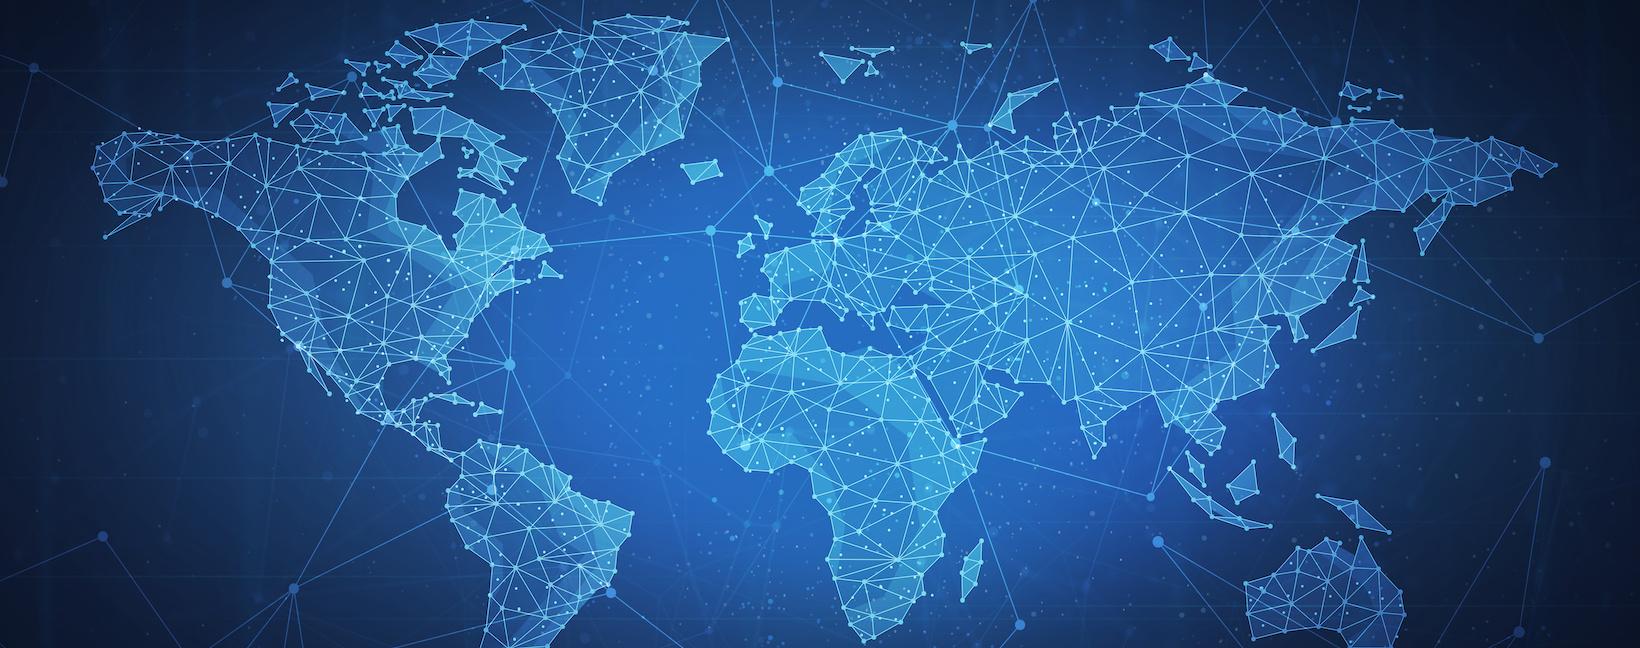 Restrukturierung der Organisation eines globalen Industriekonzerns